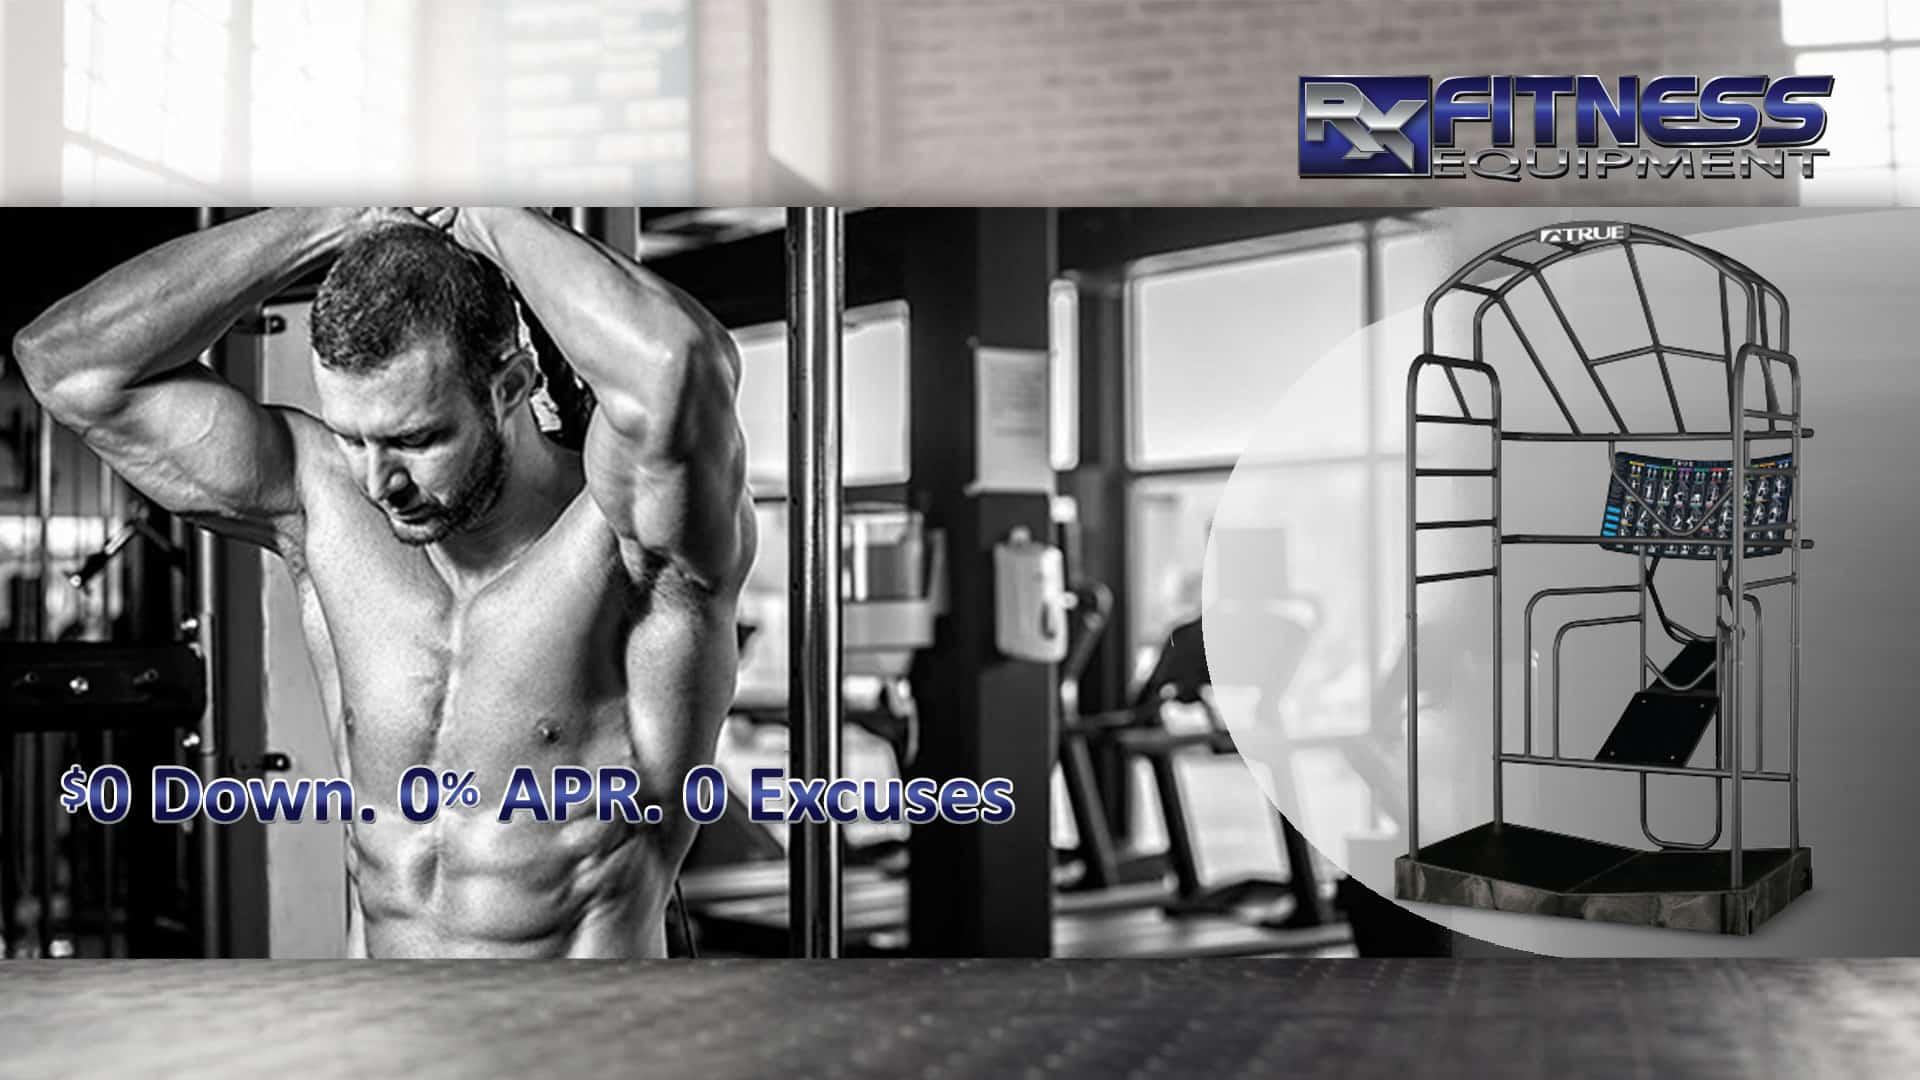 AC Zero Excuses Strength Equipment